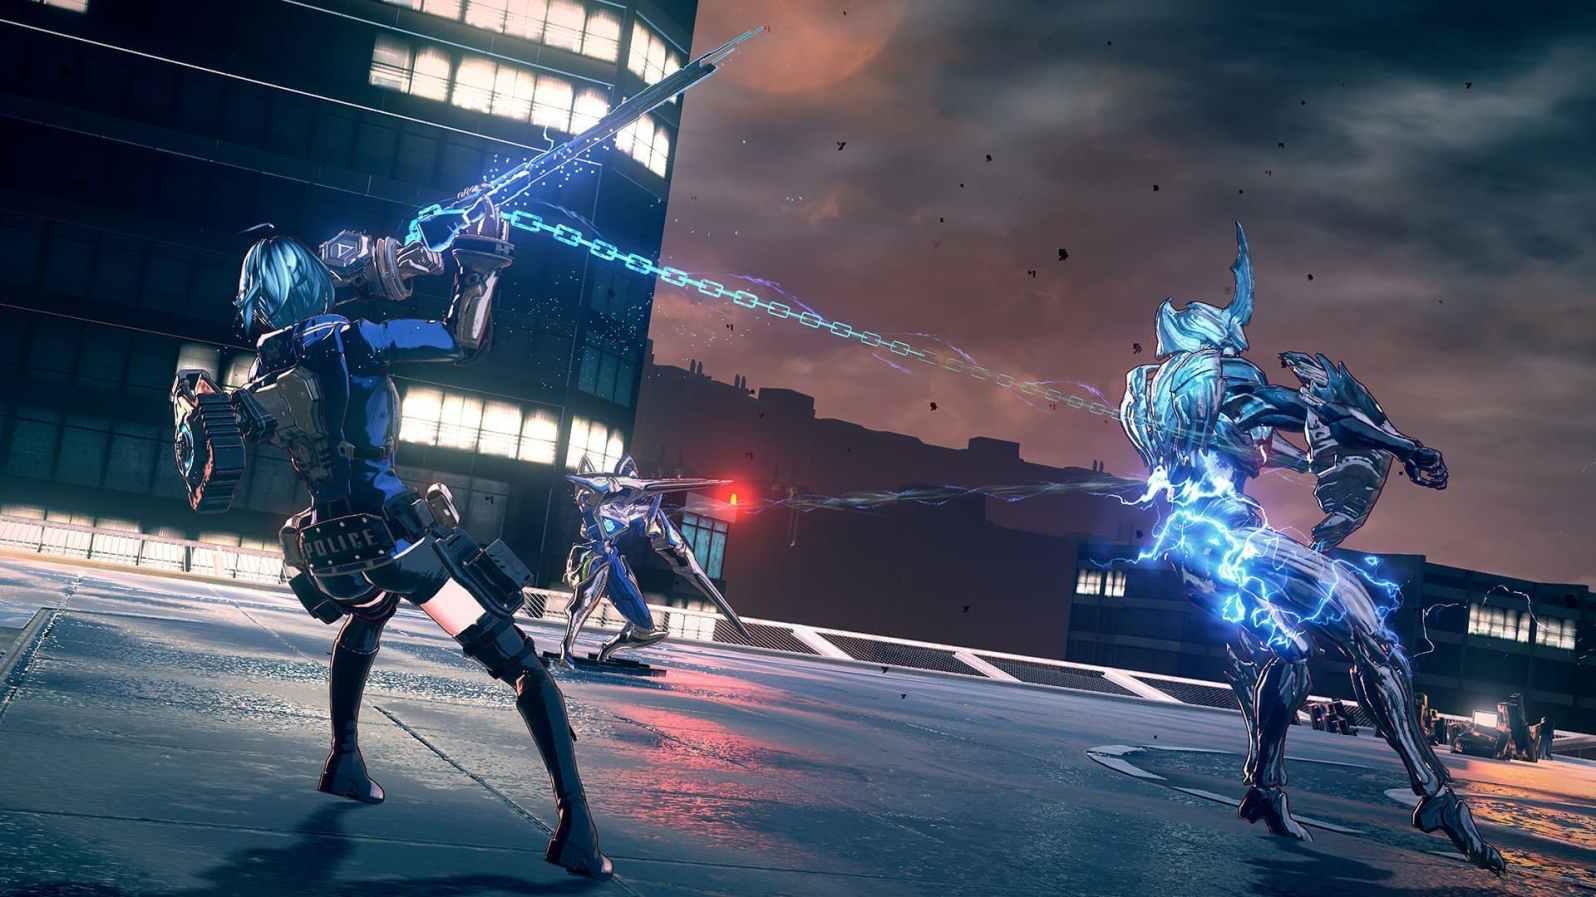 Quelle: PlatinumGames - ASTRAL CHAIN - Umschlingen wir den Gegner mit der Kette, wird er bewegungsunfähig.